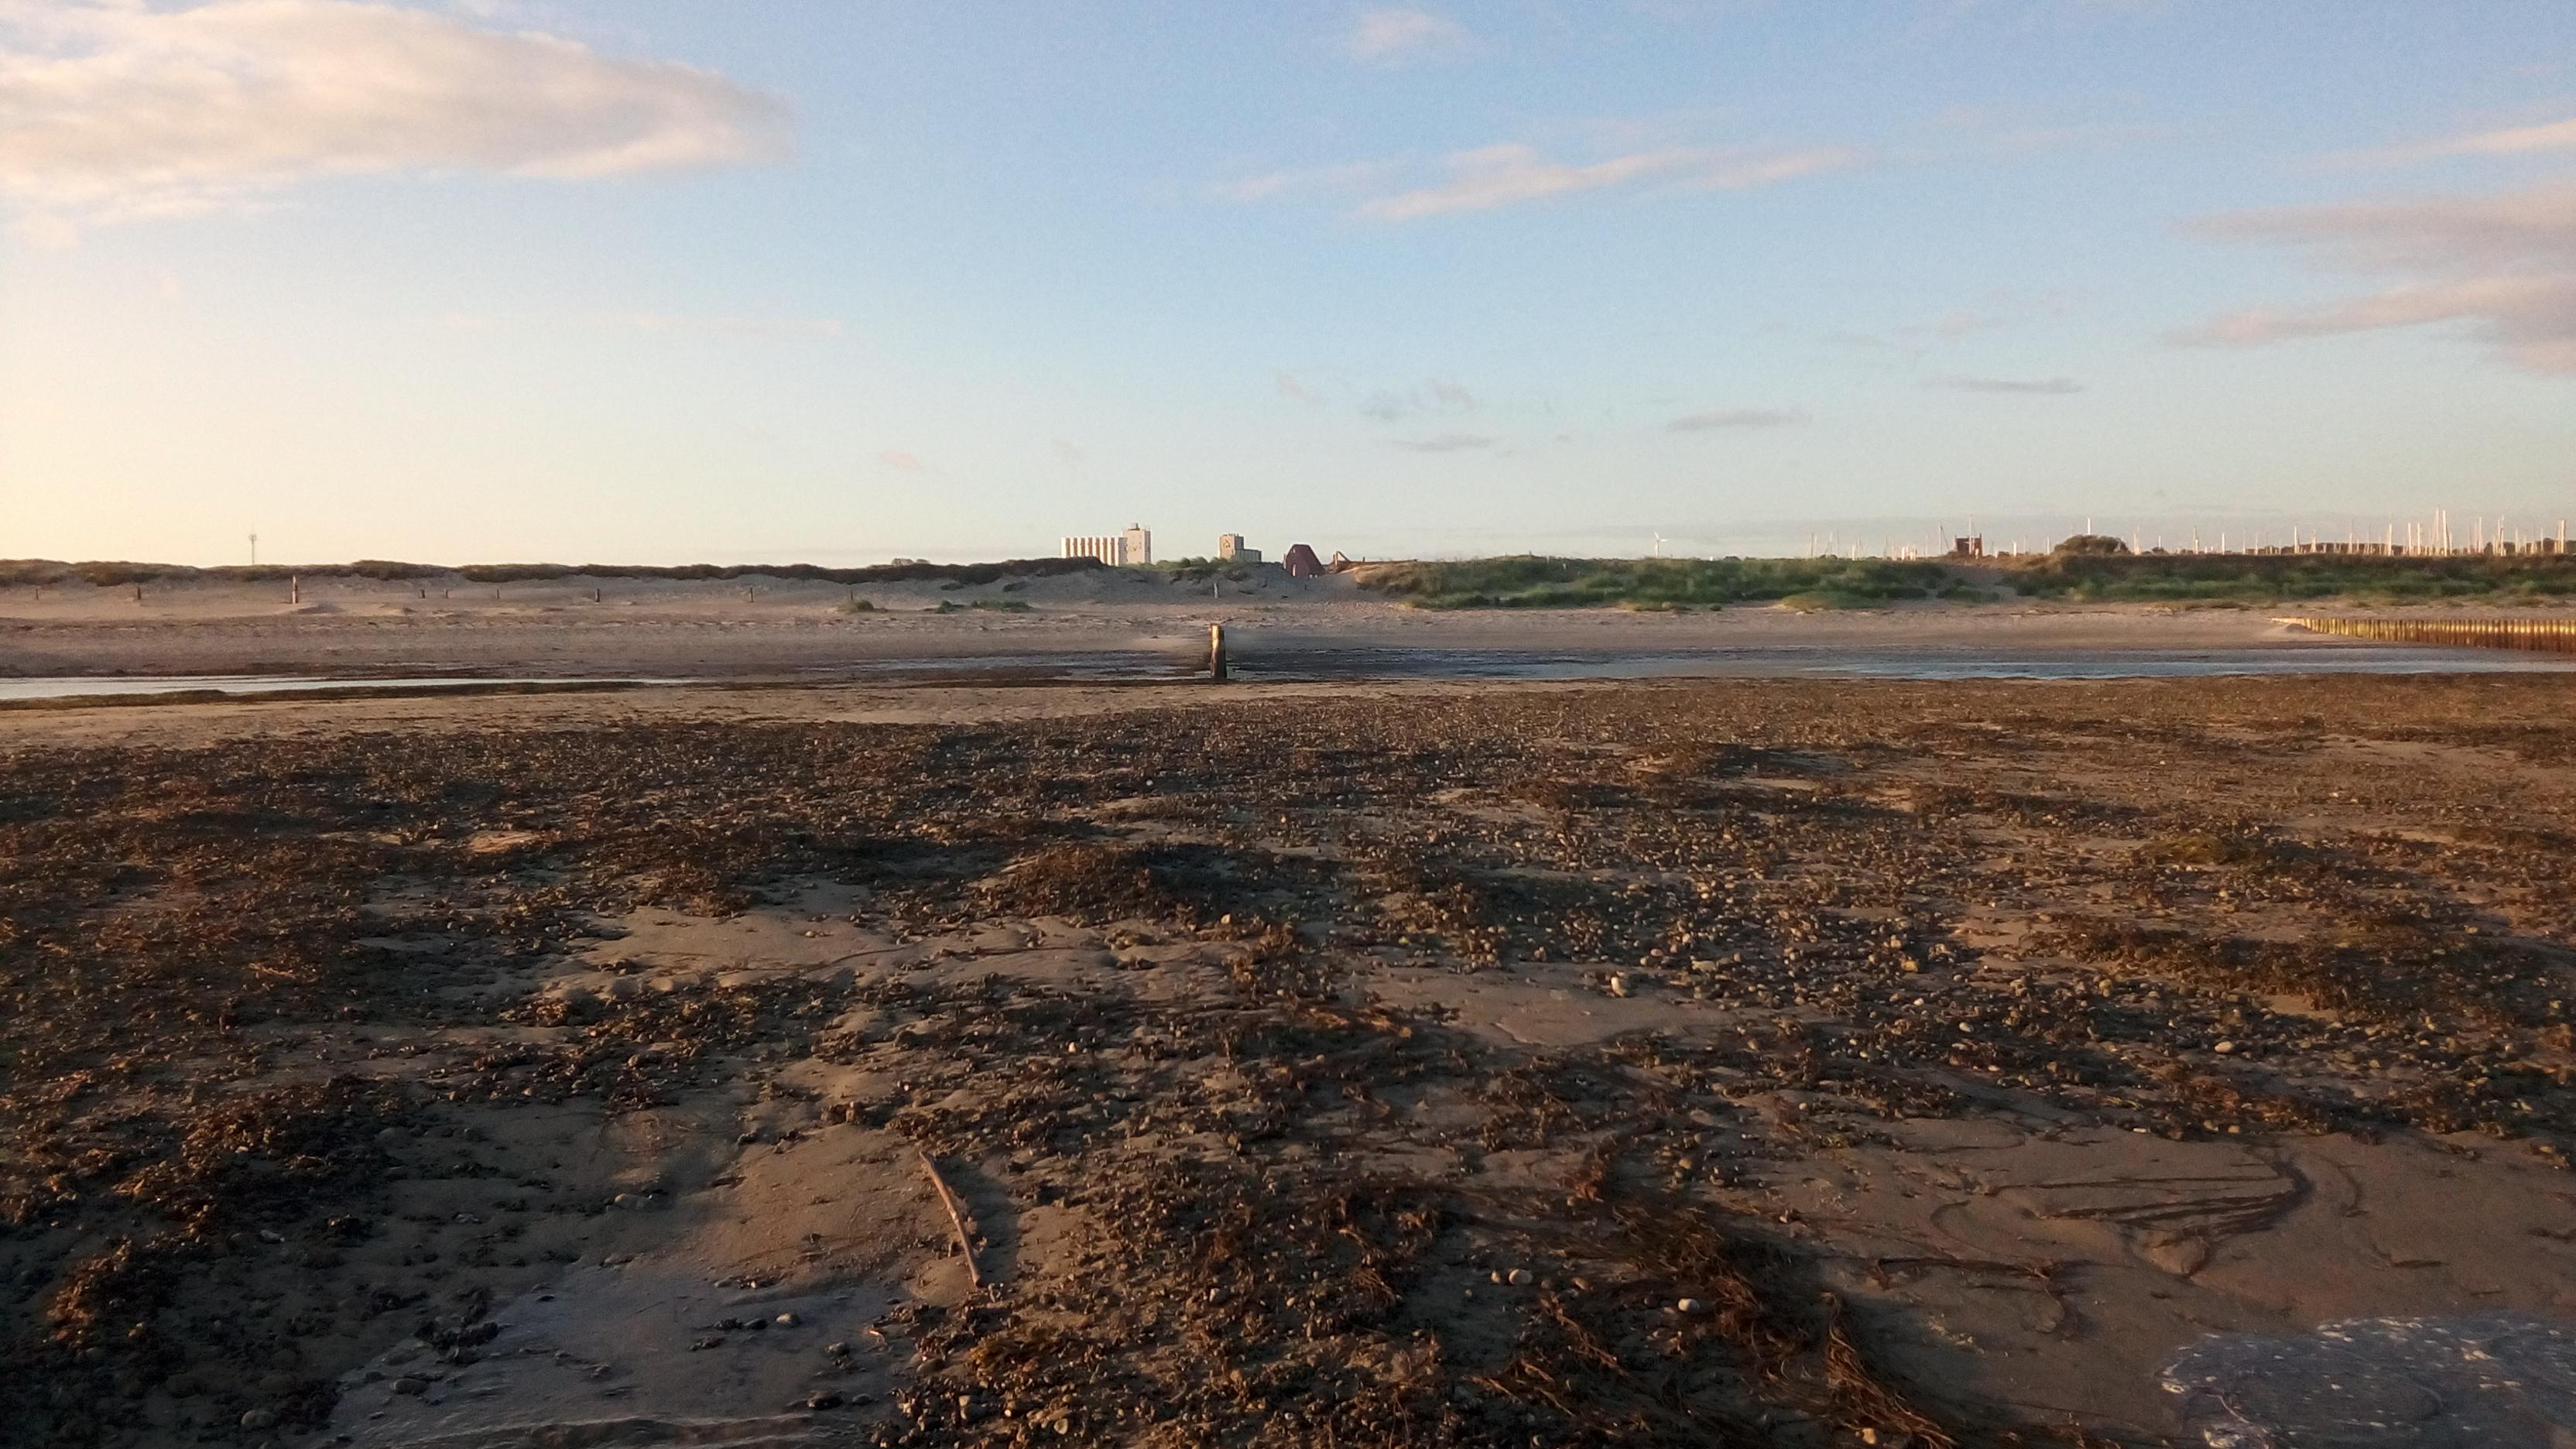 Östliches Testbuhnenfeld, kein Schutz des Strandwalls bei HW